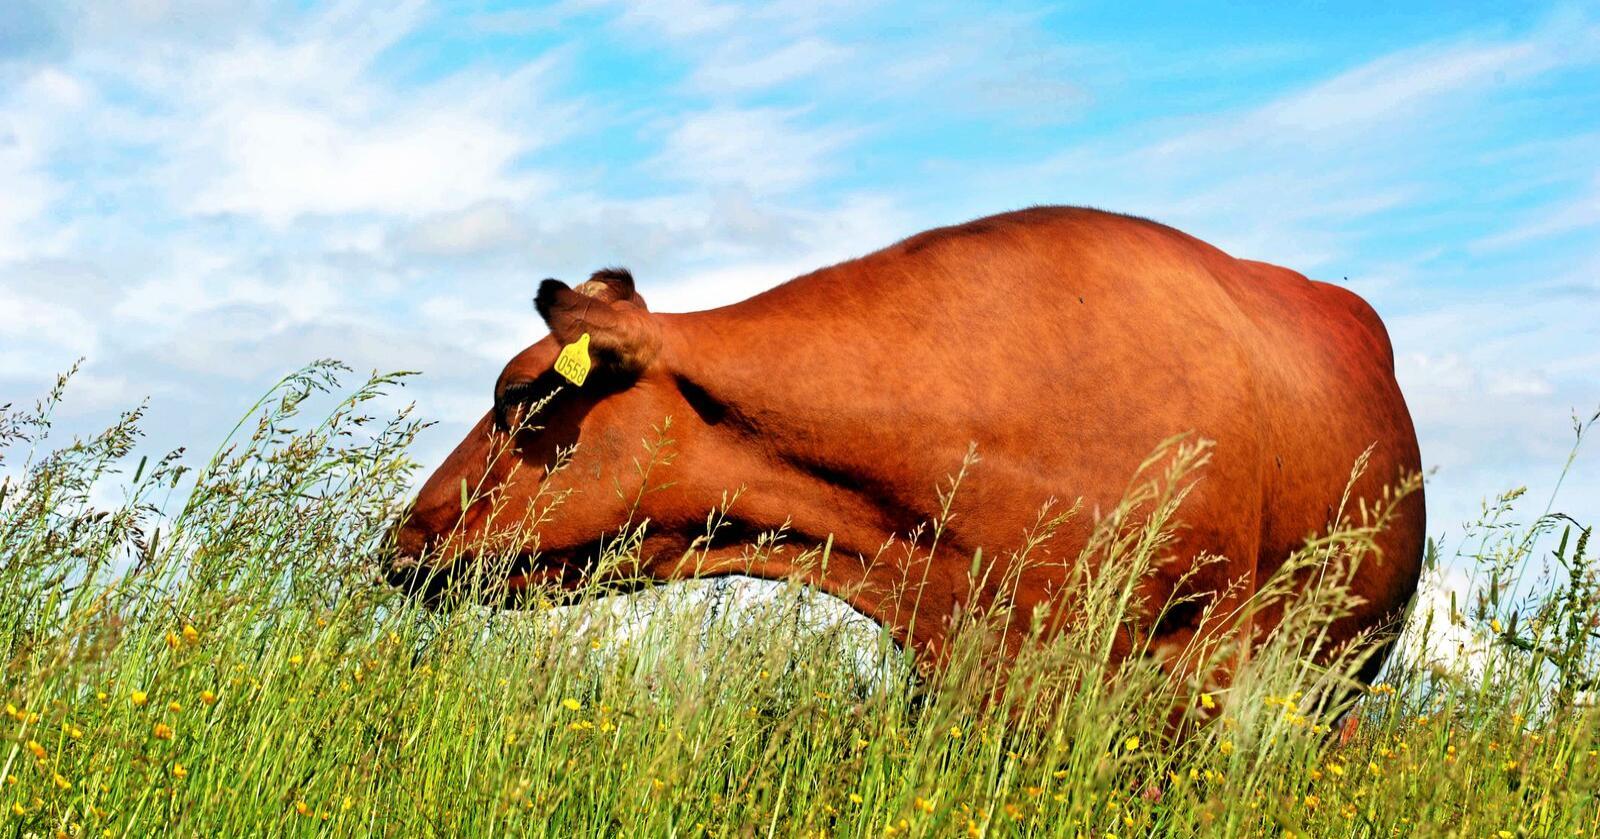 Naturviterne mener det er feil å ofre kua for å kutte utslipp i Norge. Foto: Siri Juell Rasmussen